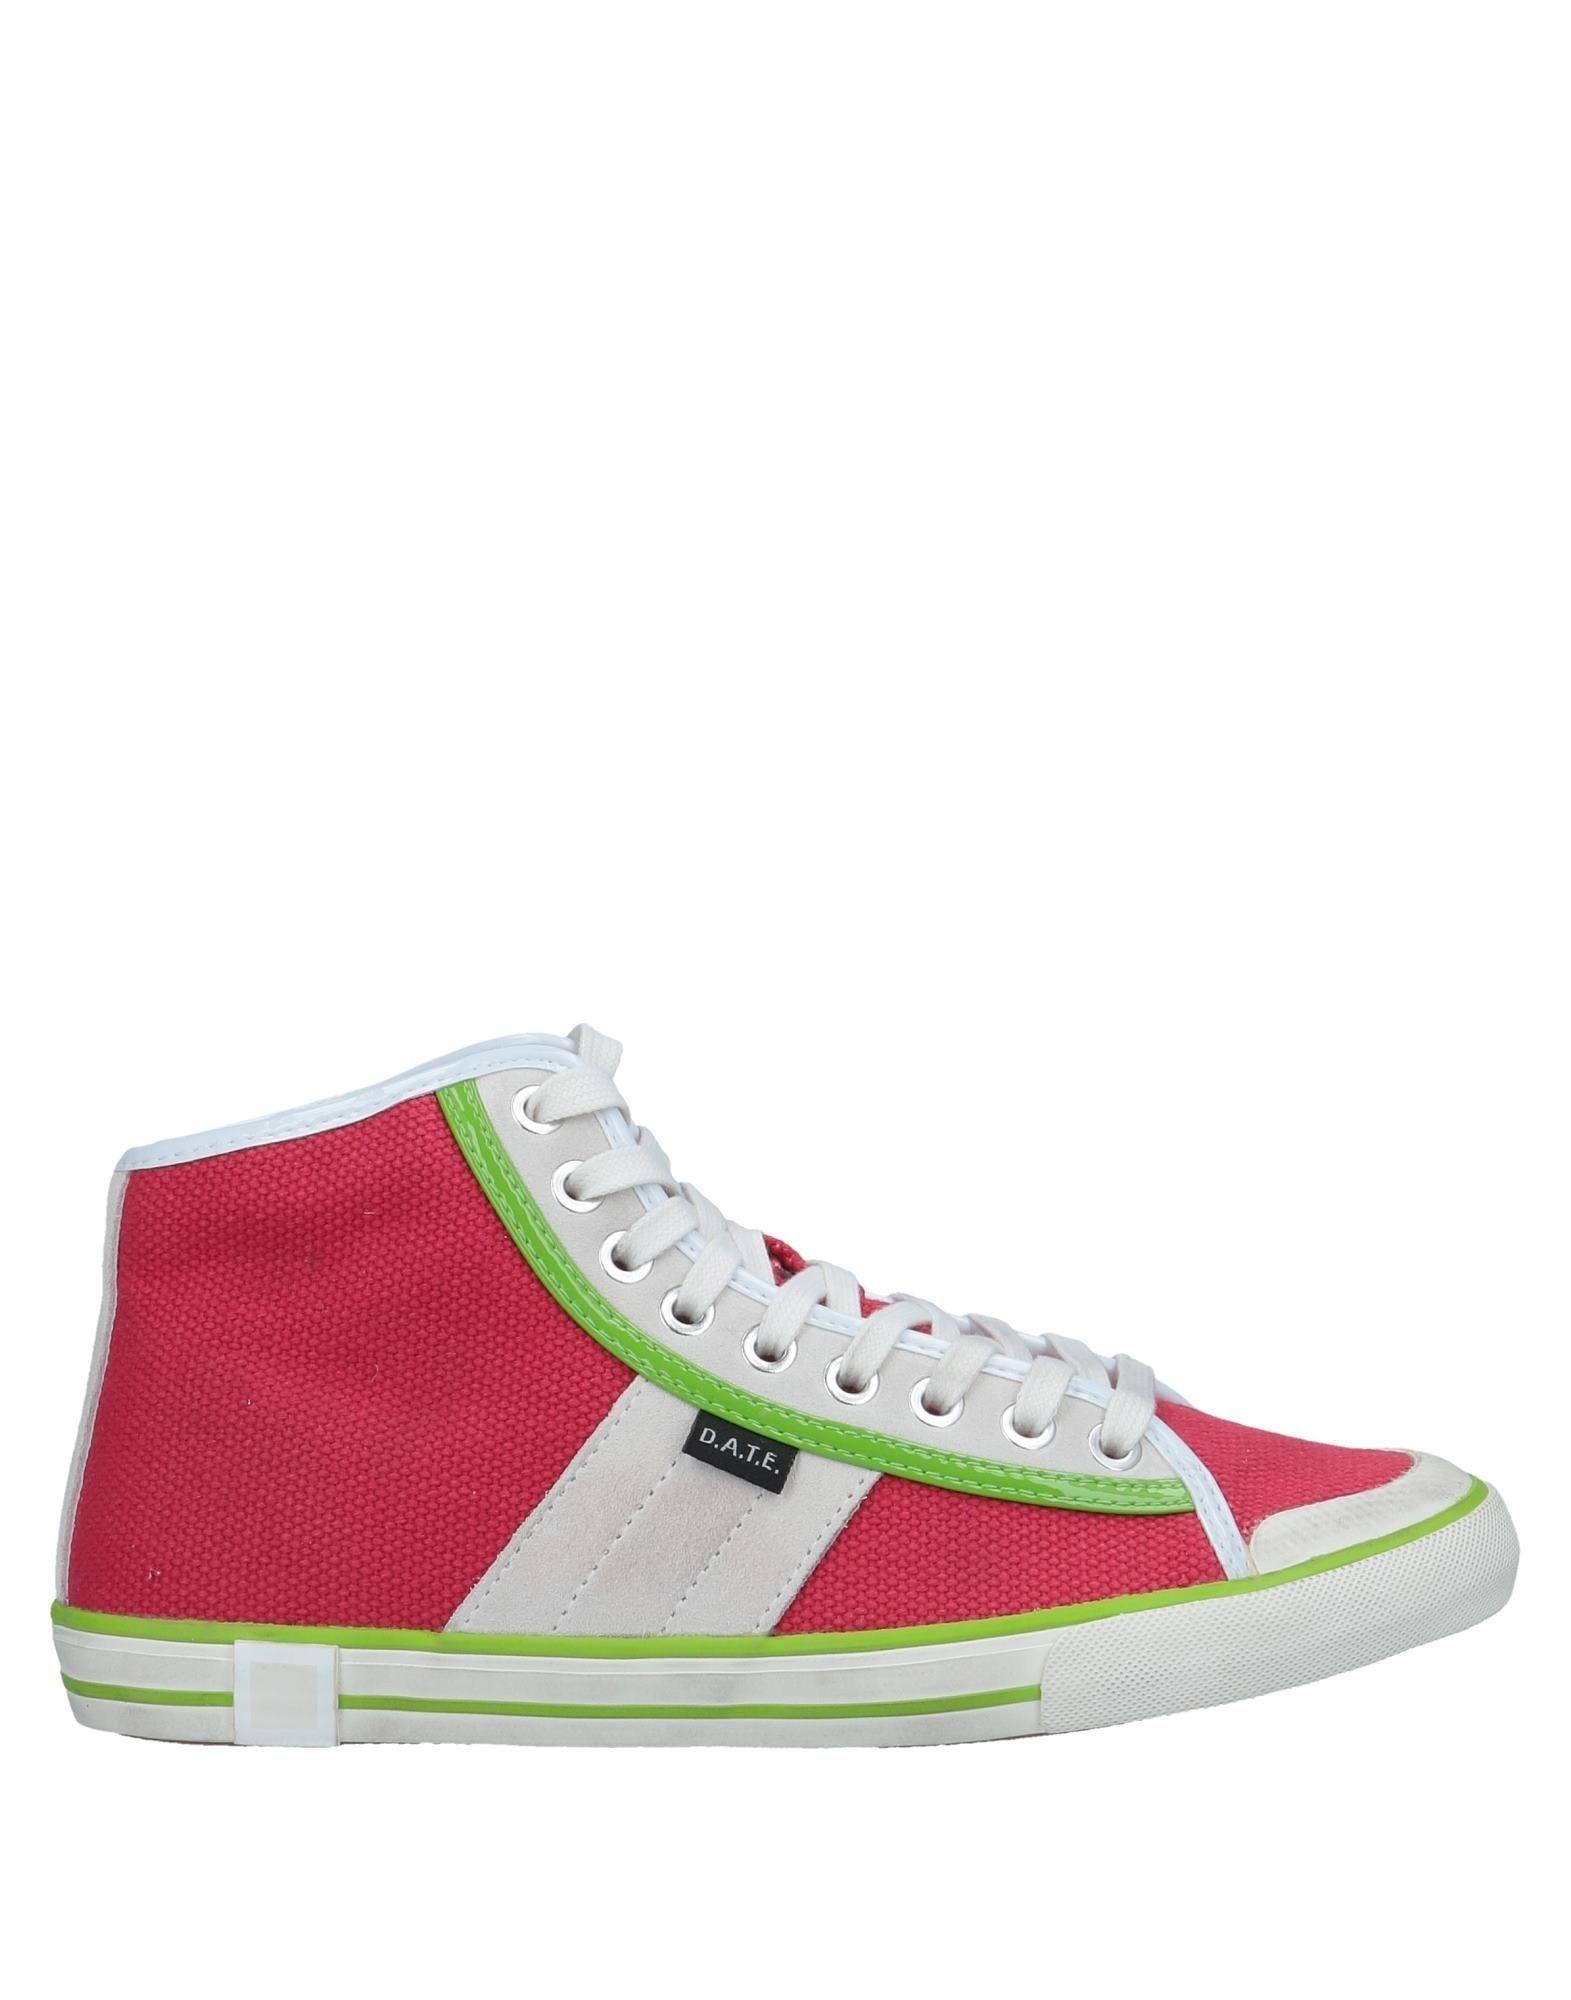 D.A.T.E. Sneakers Gute Damen  11186923KP Gute Sneakers Qualität beliebte Schuhe 645eb9